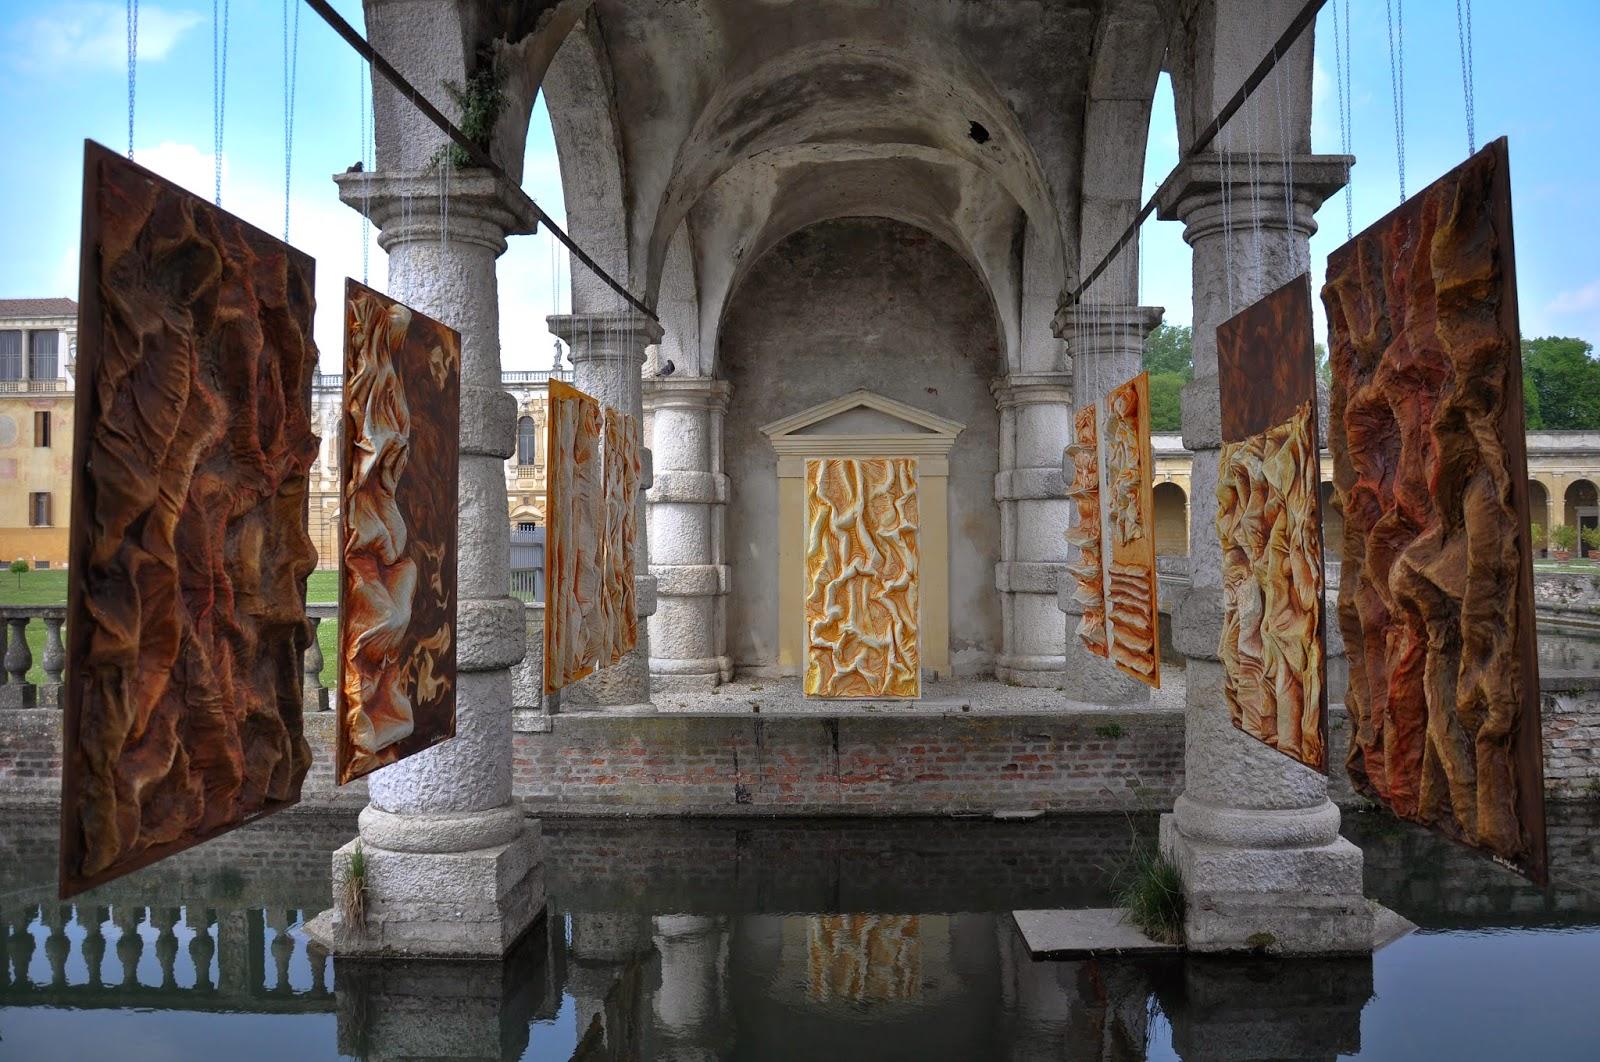 Fiorello Stefanato, Opera con l'opera, Villa Contarini modern art exhibition, Piazzola sul Brenta, Veneto, Italy-2